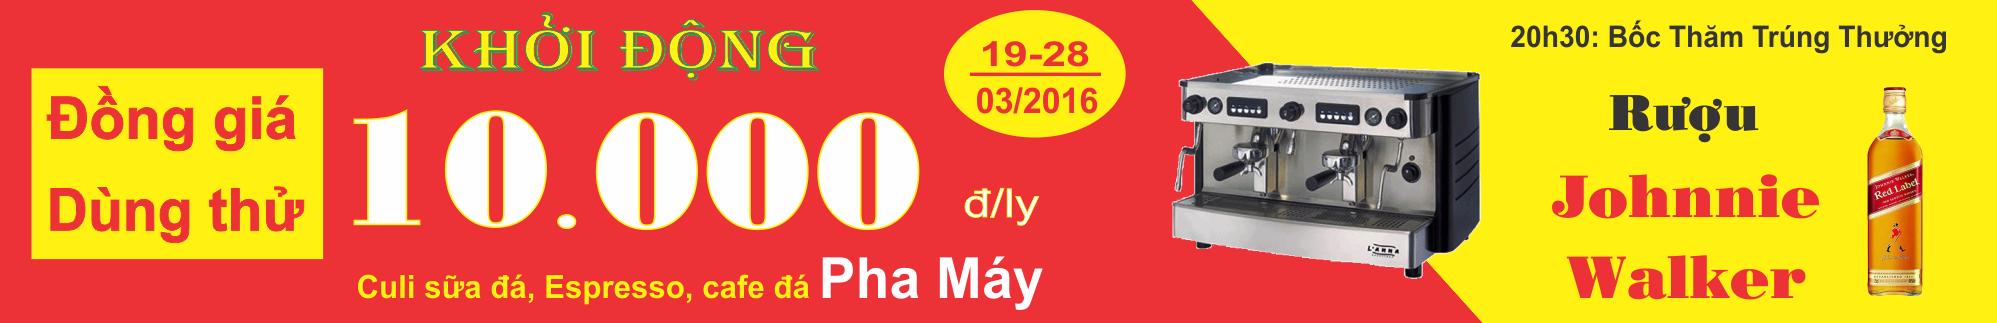 Băng rôn khởi động dùng thử Cafe Pha Máy 44 Nguyễn Cửu Đàm